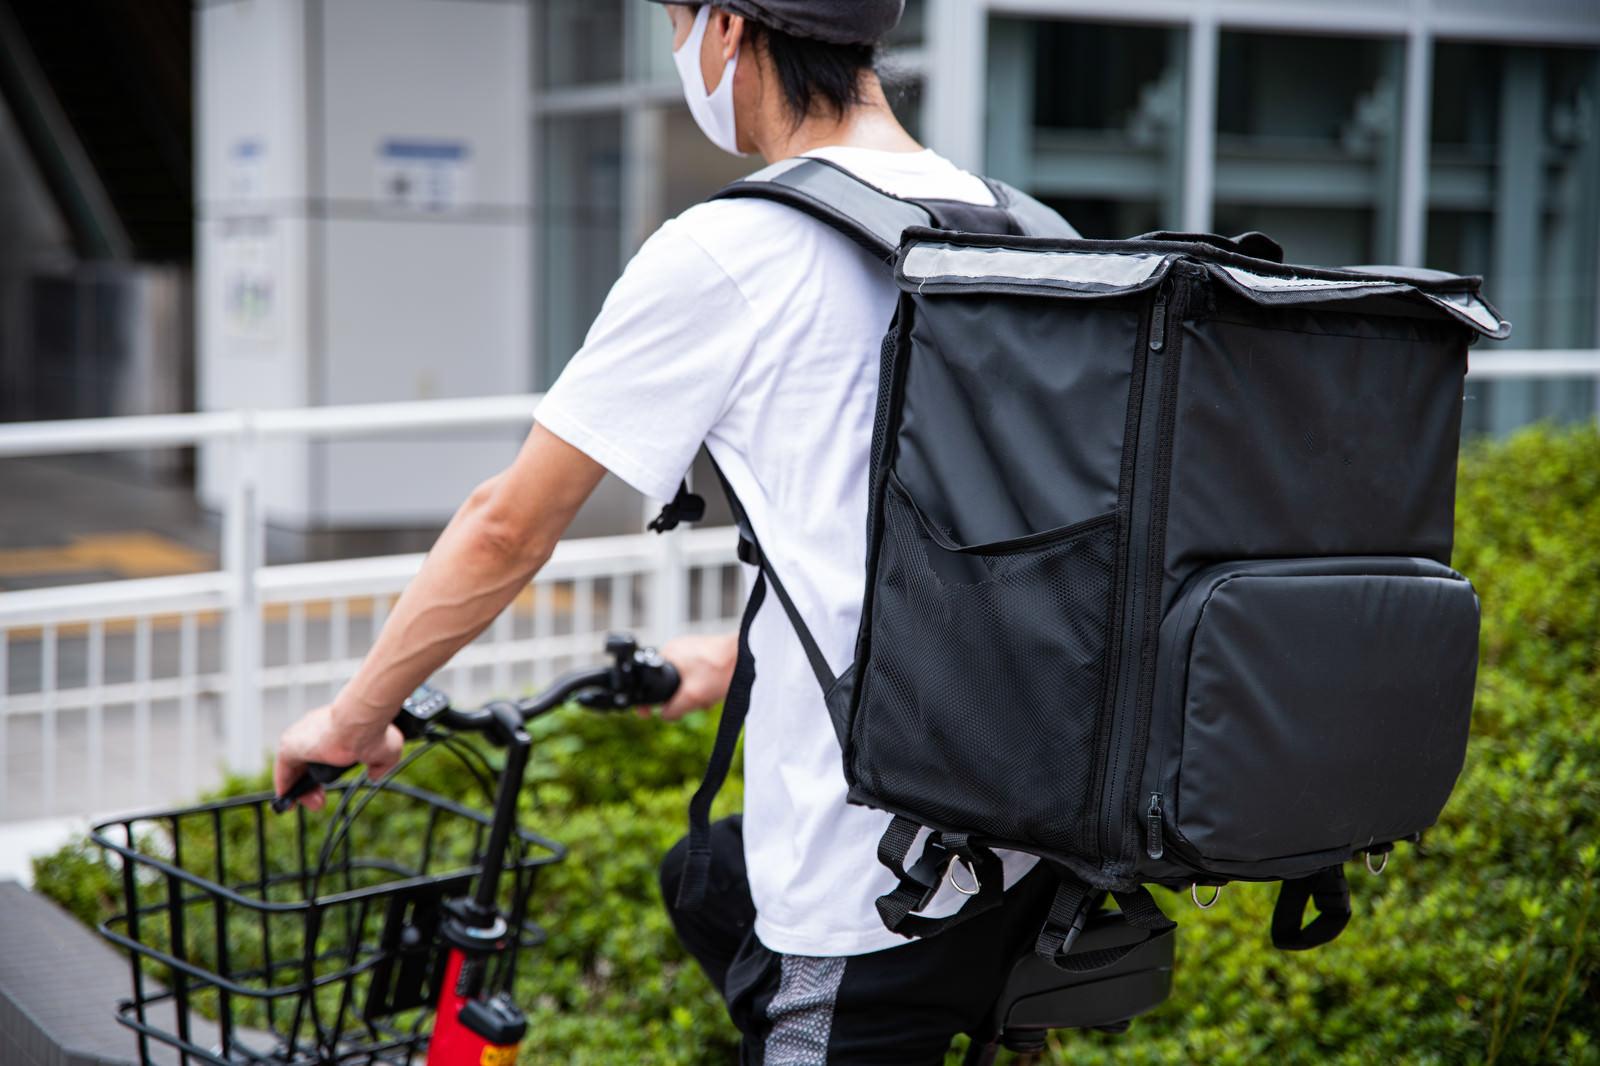 「フードデリバリーの四角いバッグを背負う配達員」の写真